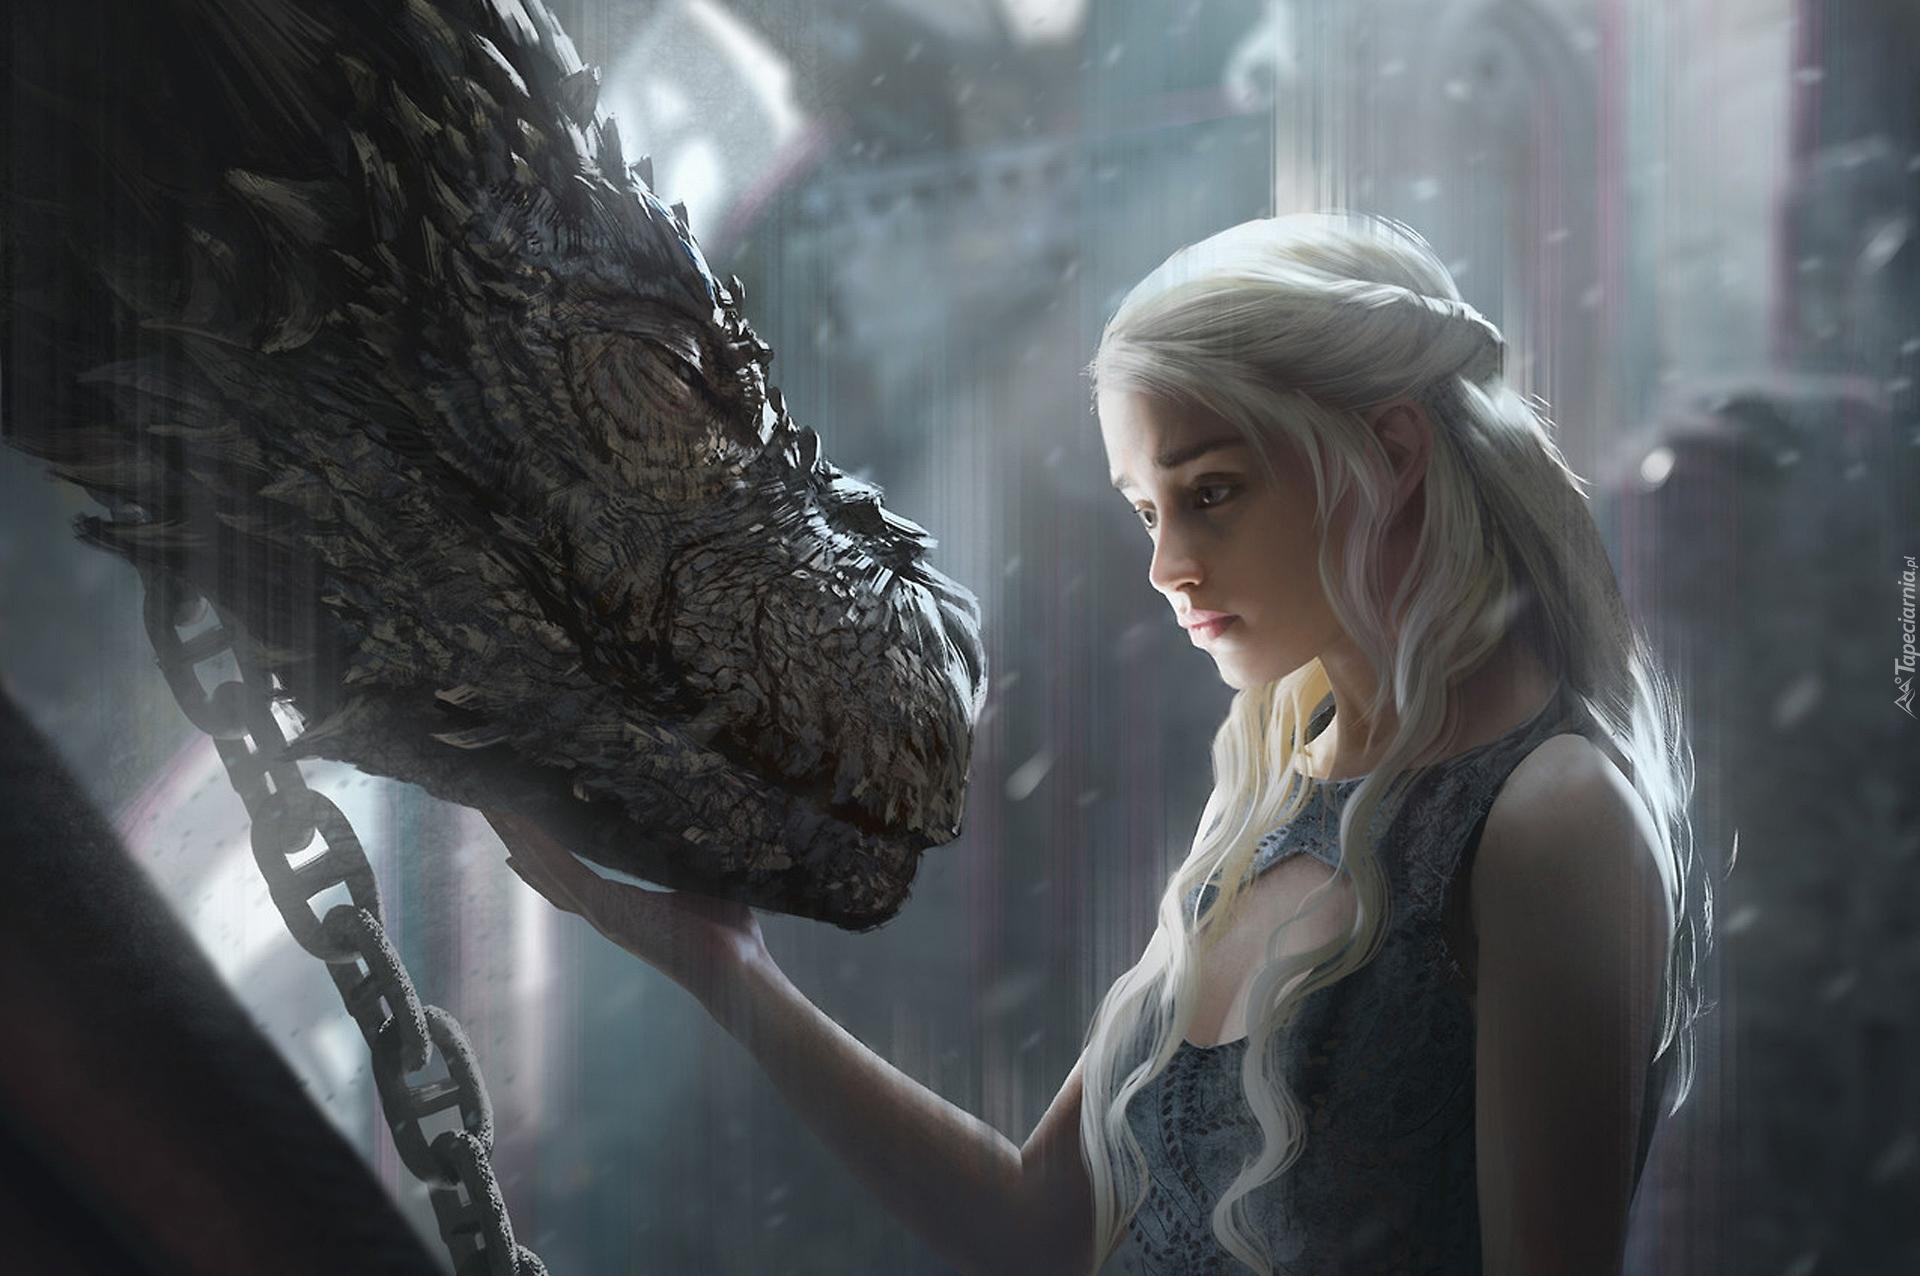 emilia clarke jako daenerys targaryen ze smokiem w serialu gra o tron